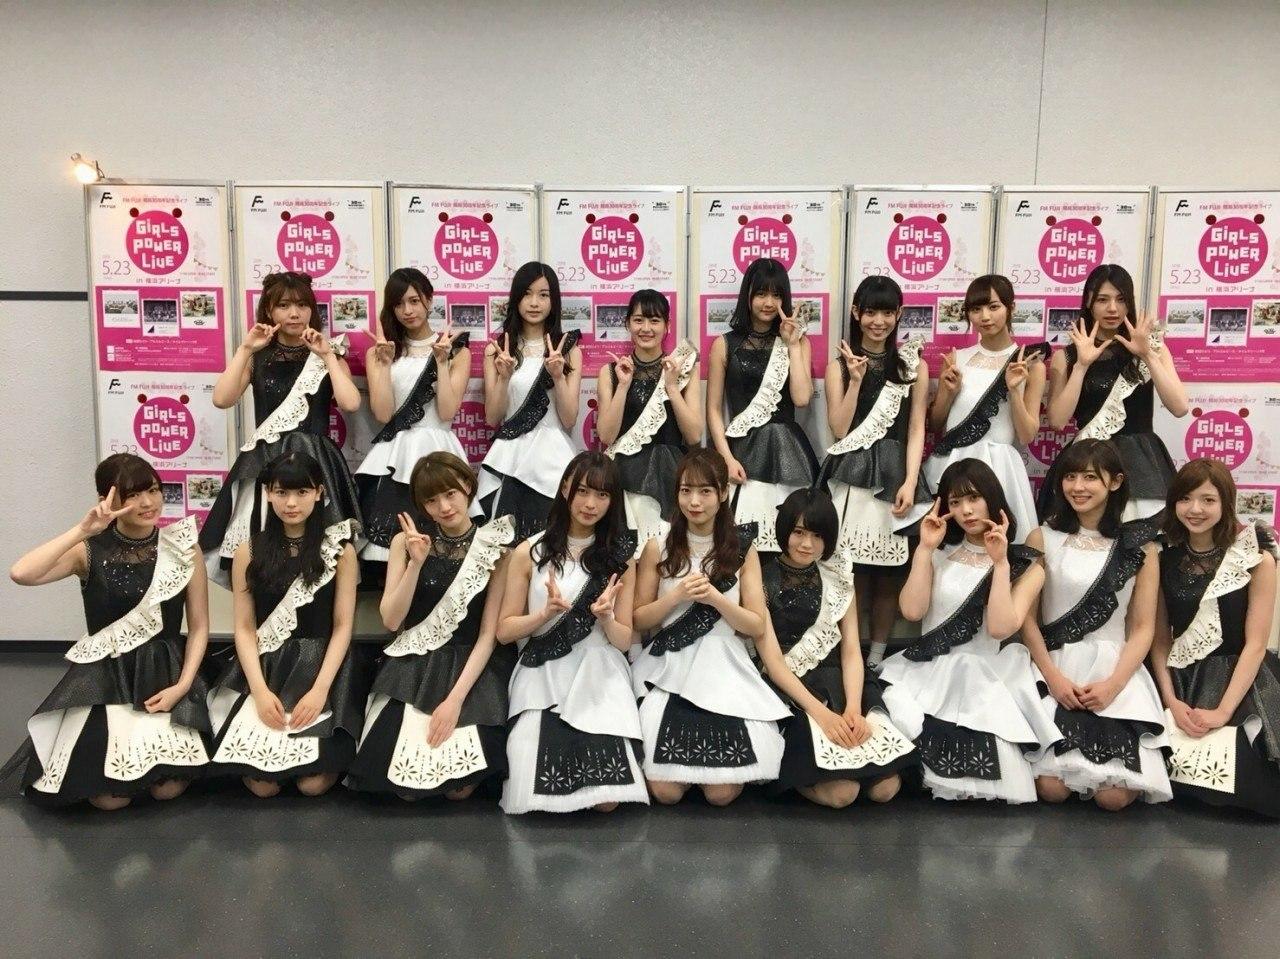 【乃木坂46】中田+アンダラ中部メン「GIRLS POWER LIVE」集合写真